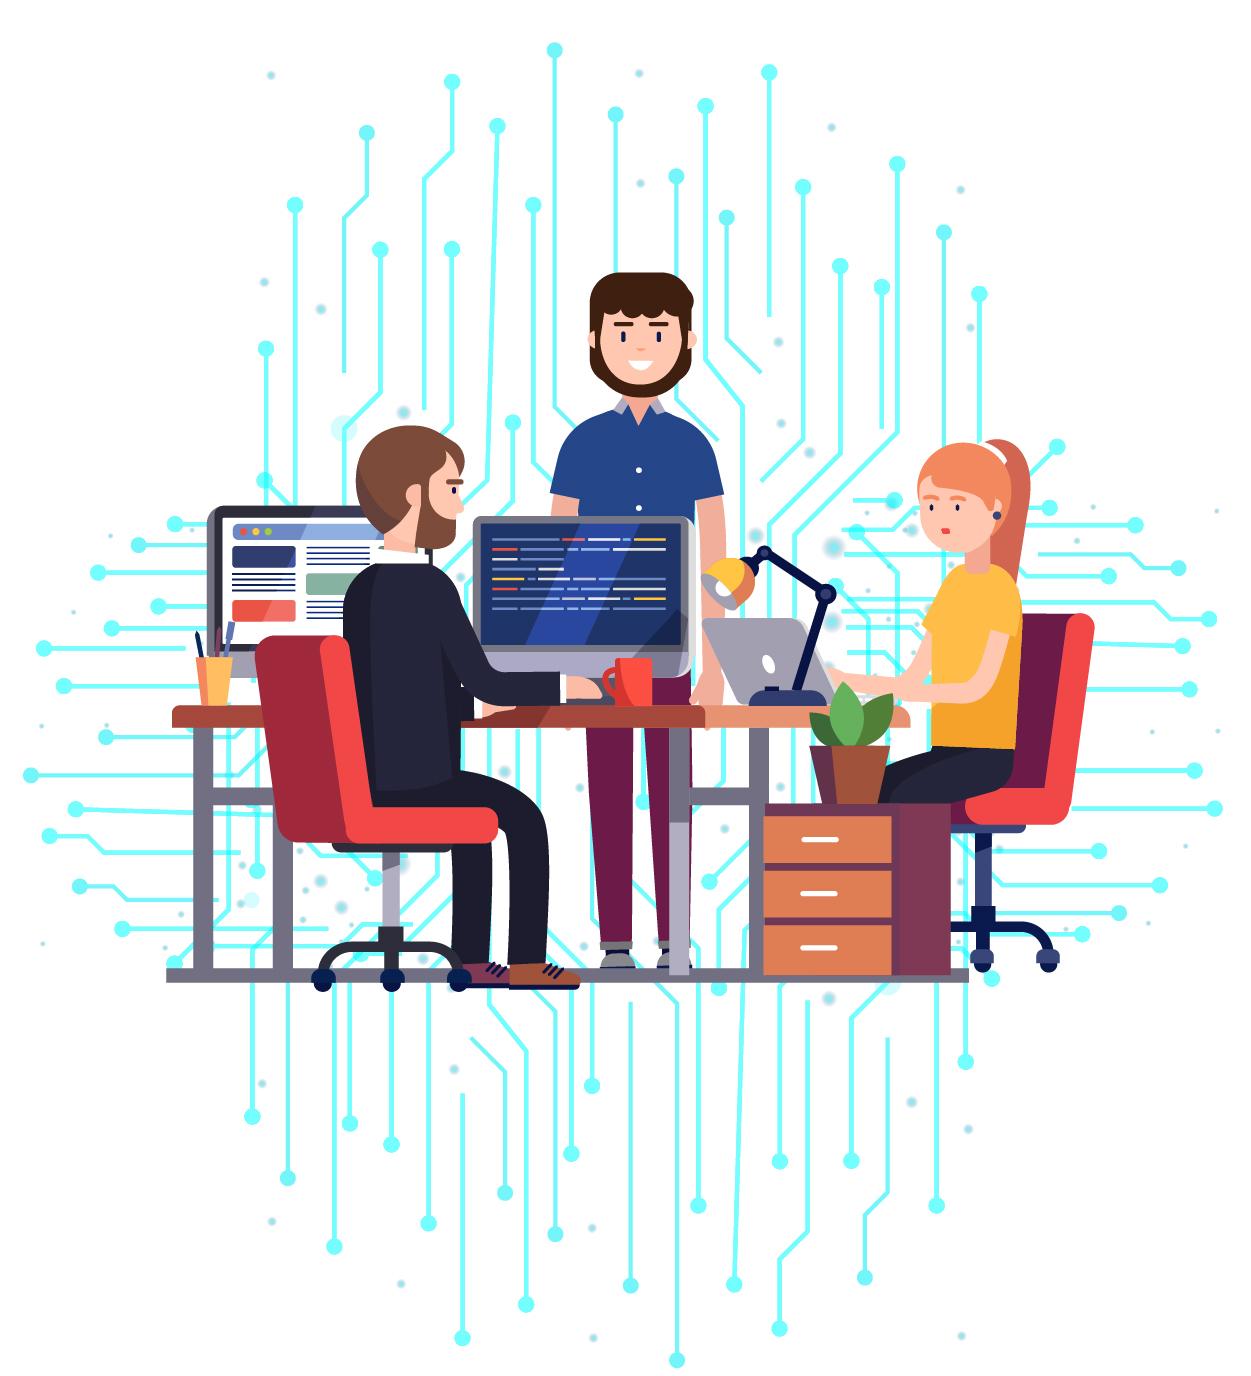 Enterprise and drupal blog image